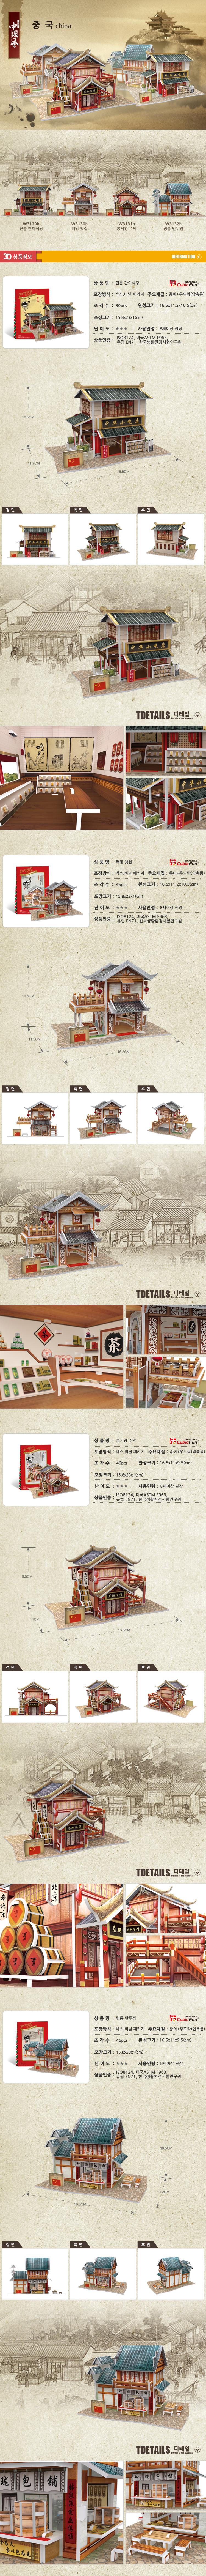 큐빅펀 3D월드스타일 중국 - 큐빅펀, 5,100원, 조각/퍼즐, 3D입체퍼즐